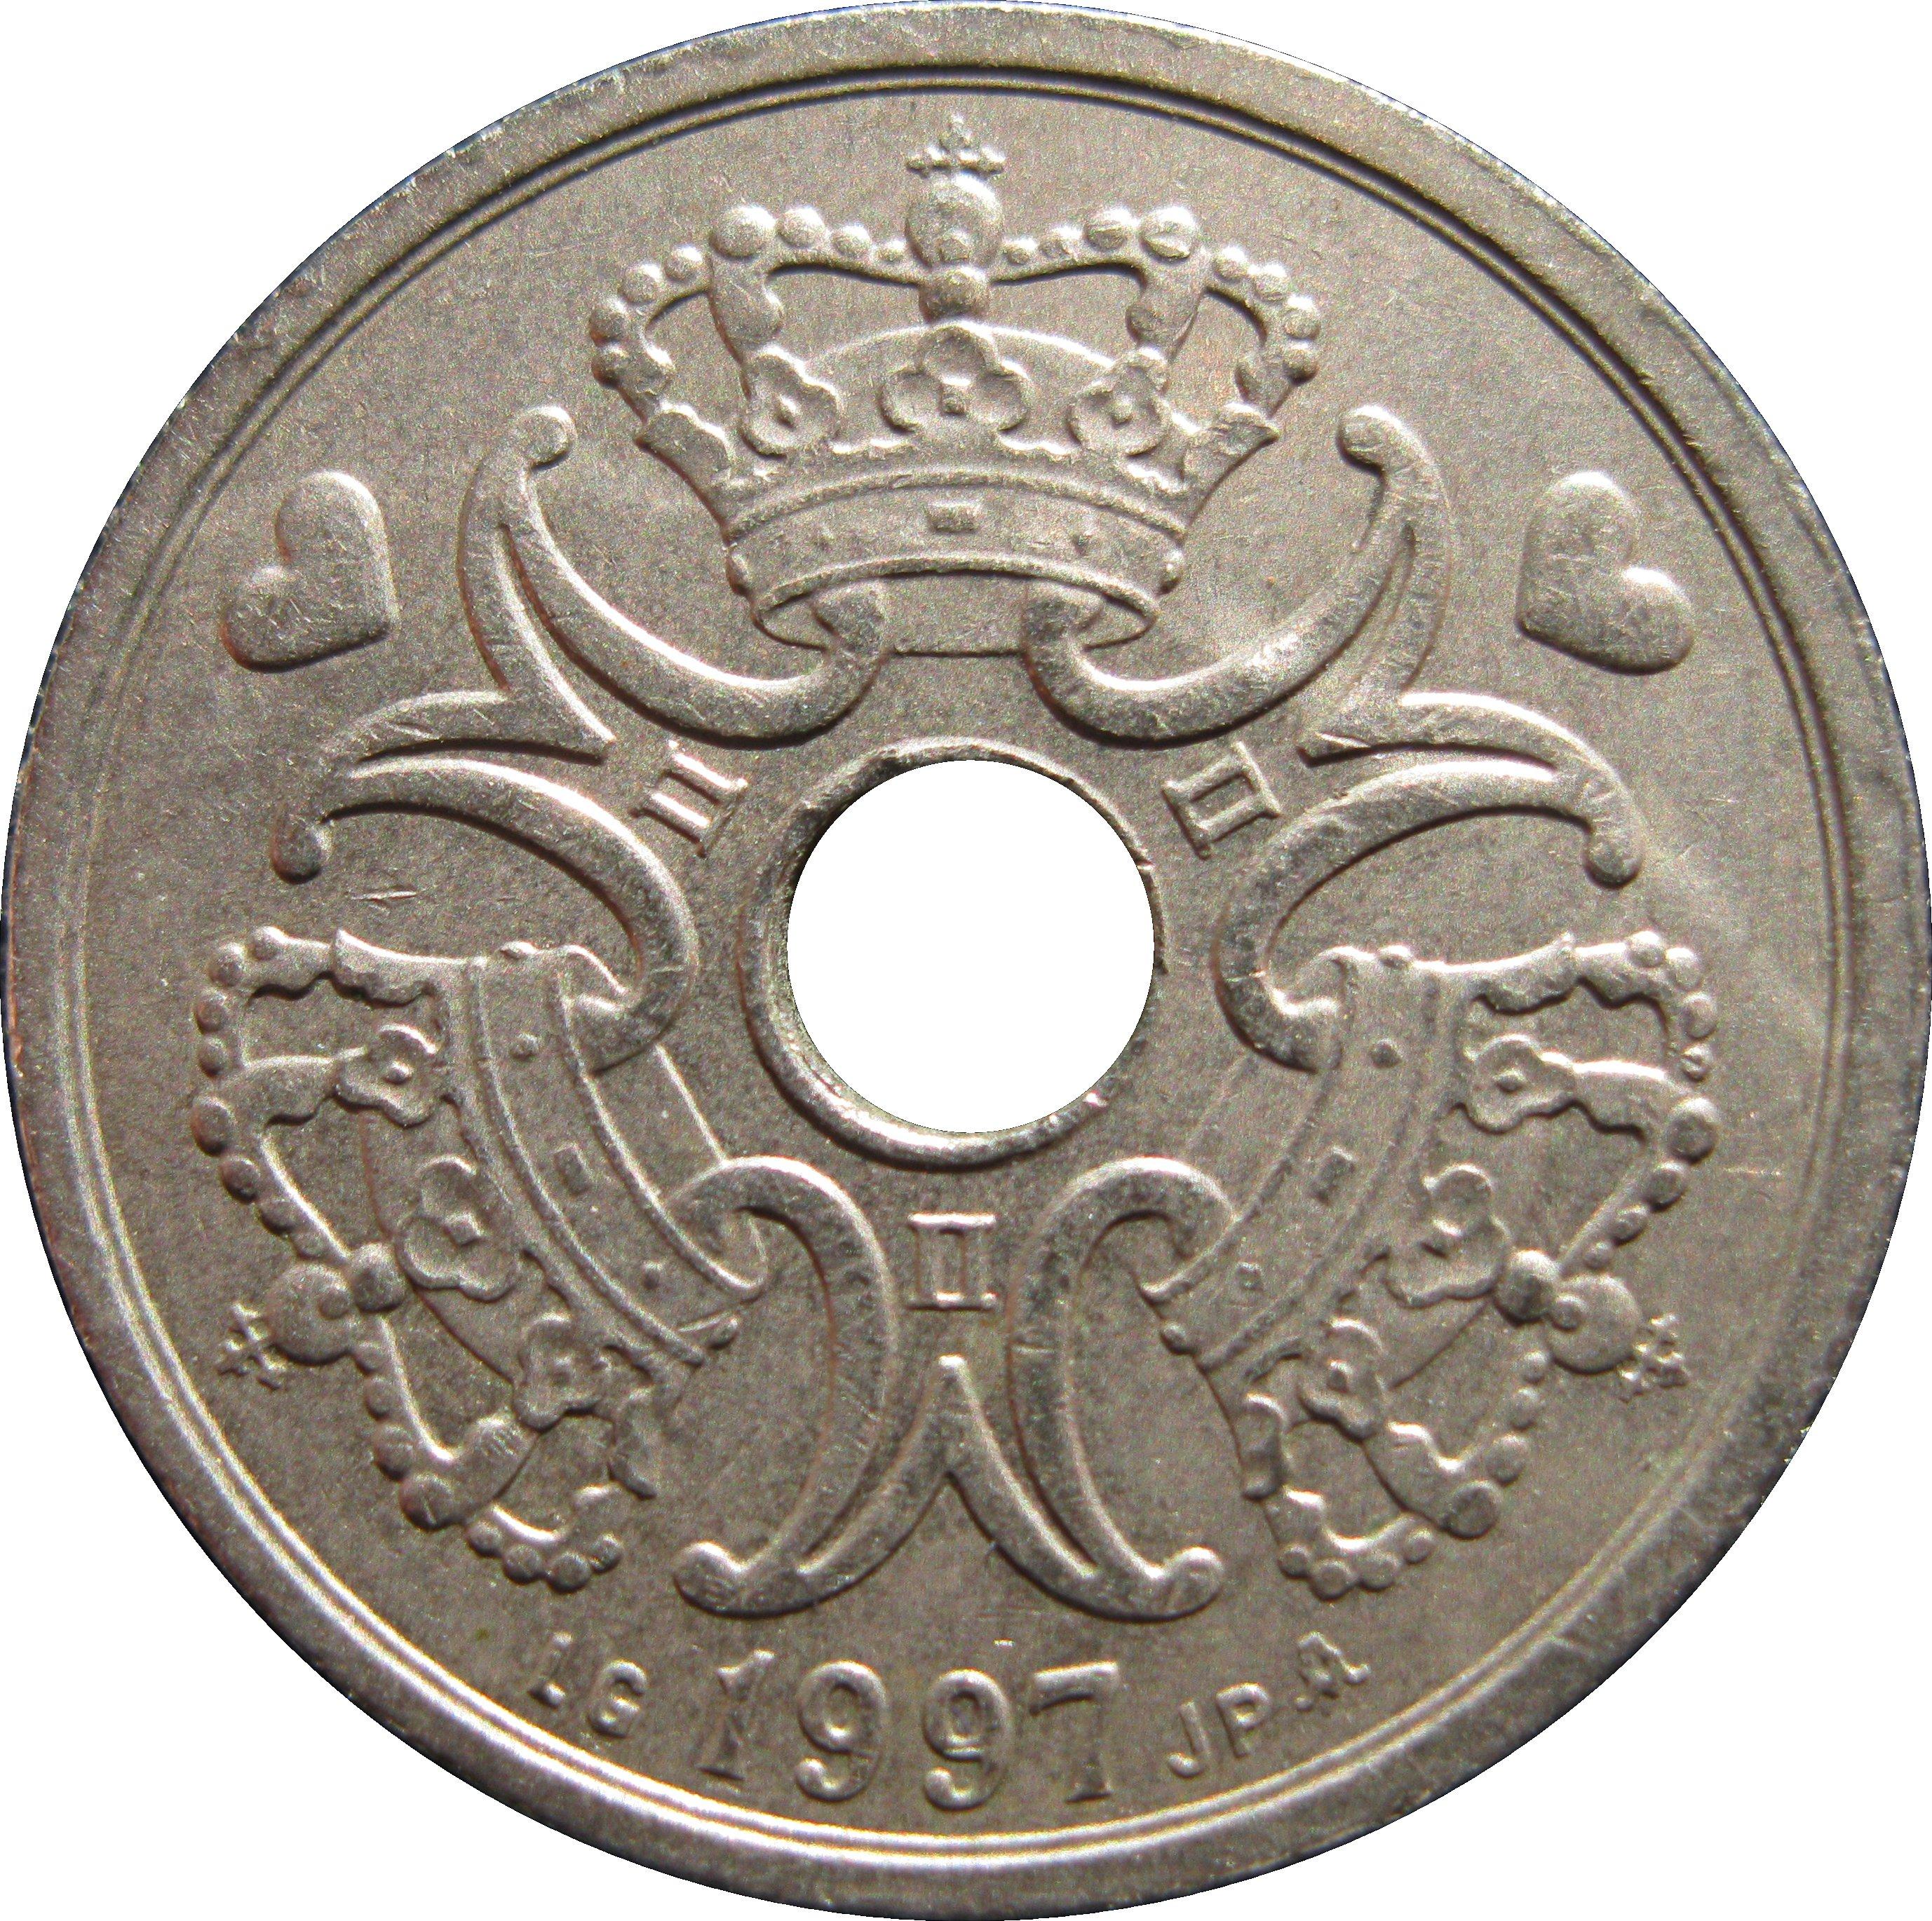 2 Kroner Margrethe Ii